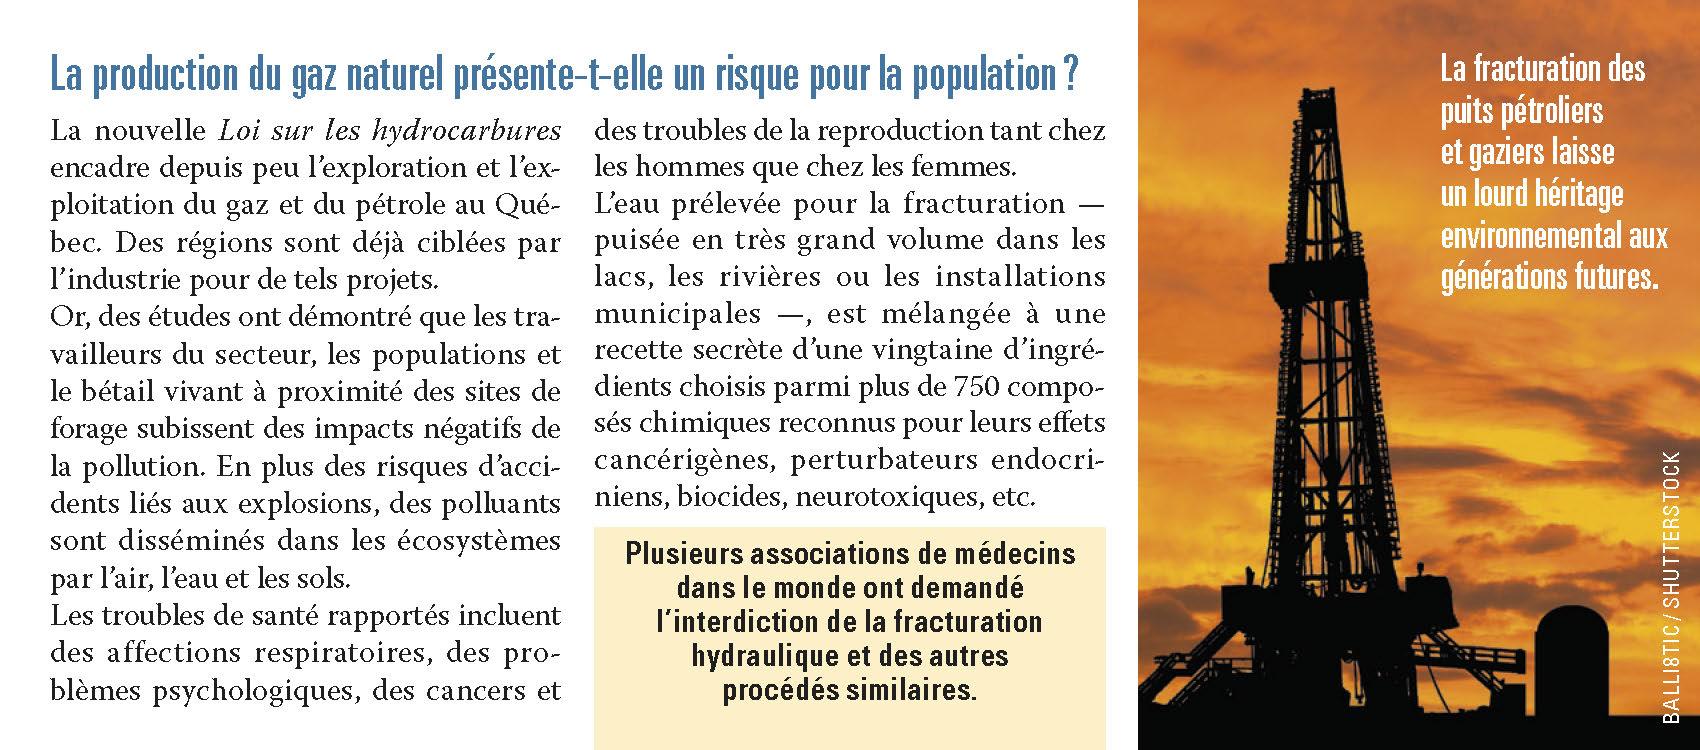 GazNaturel-Unebonneaffairepournous?_Brochure_MET_Page_6